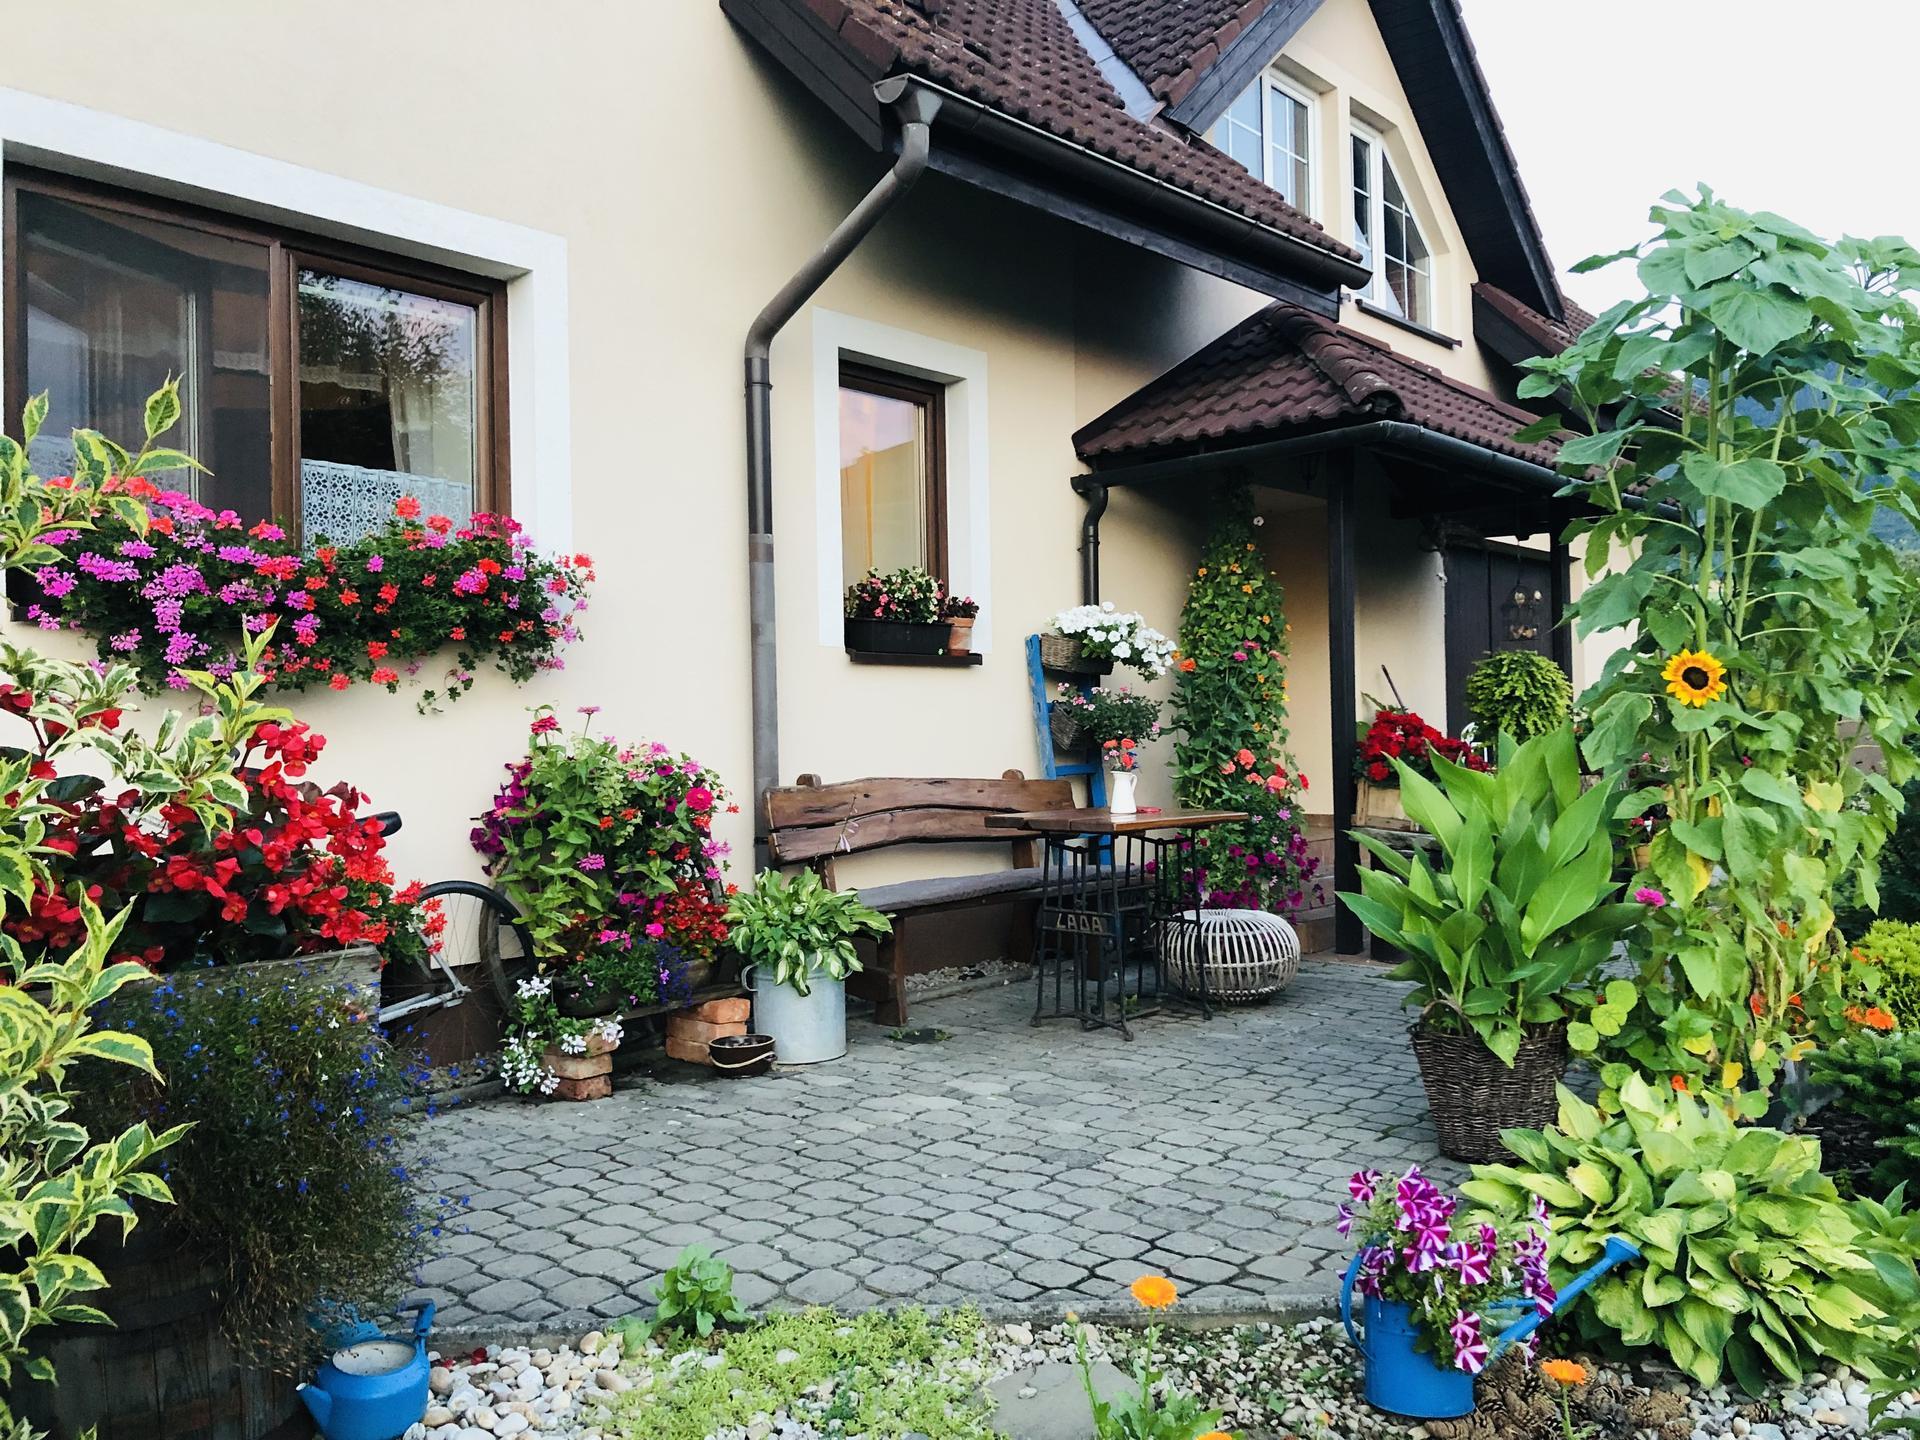 U nás doma a na zahradě 2021 - Obrázek č. 63